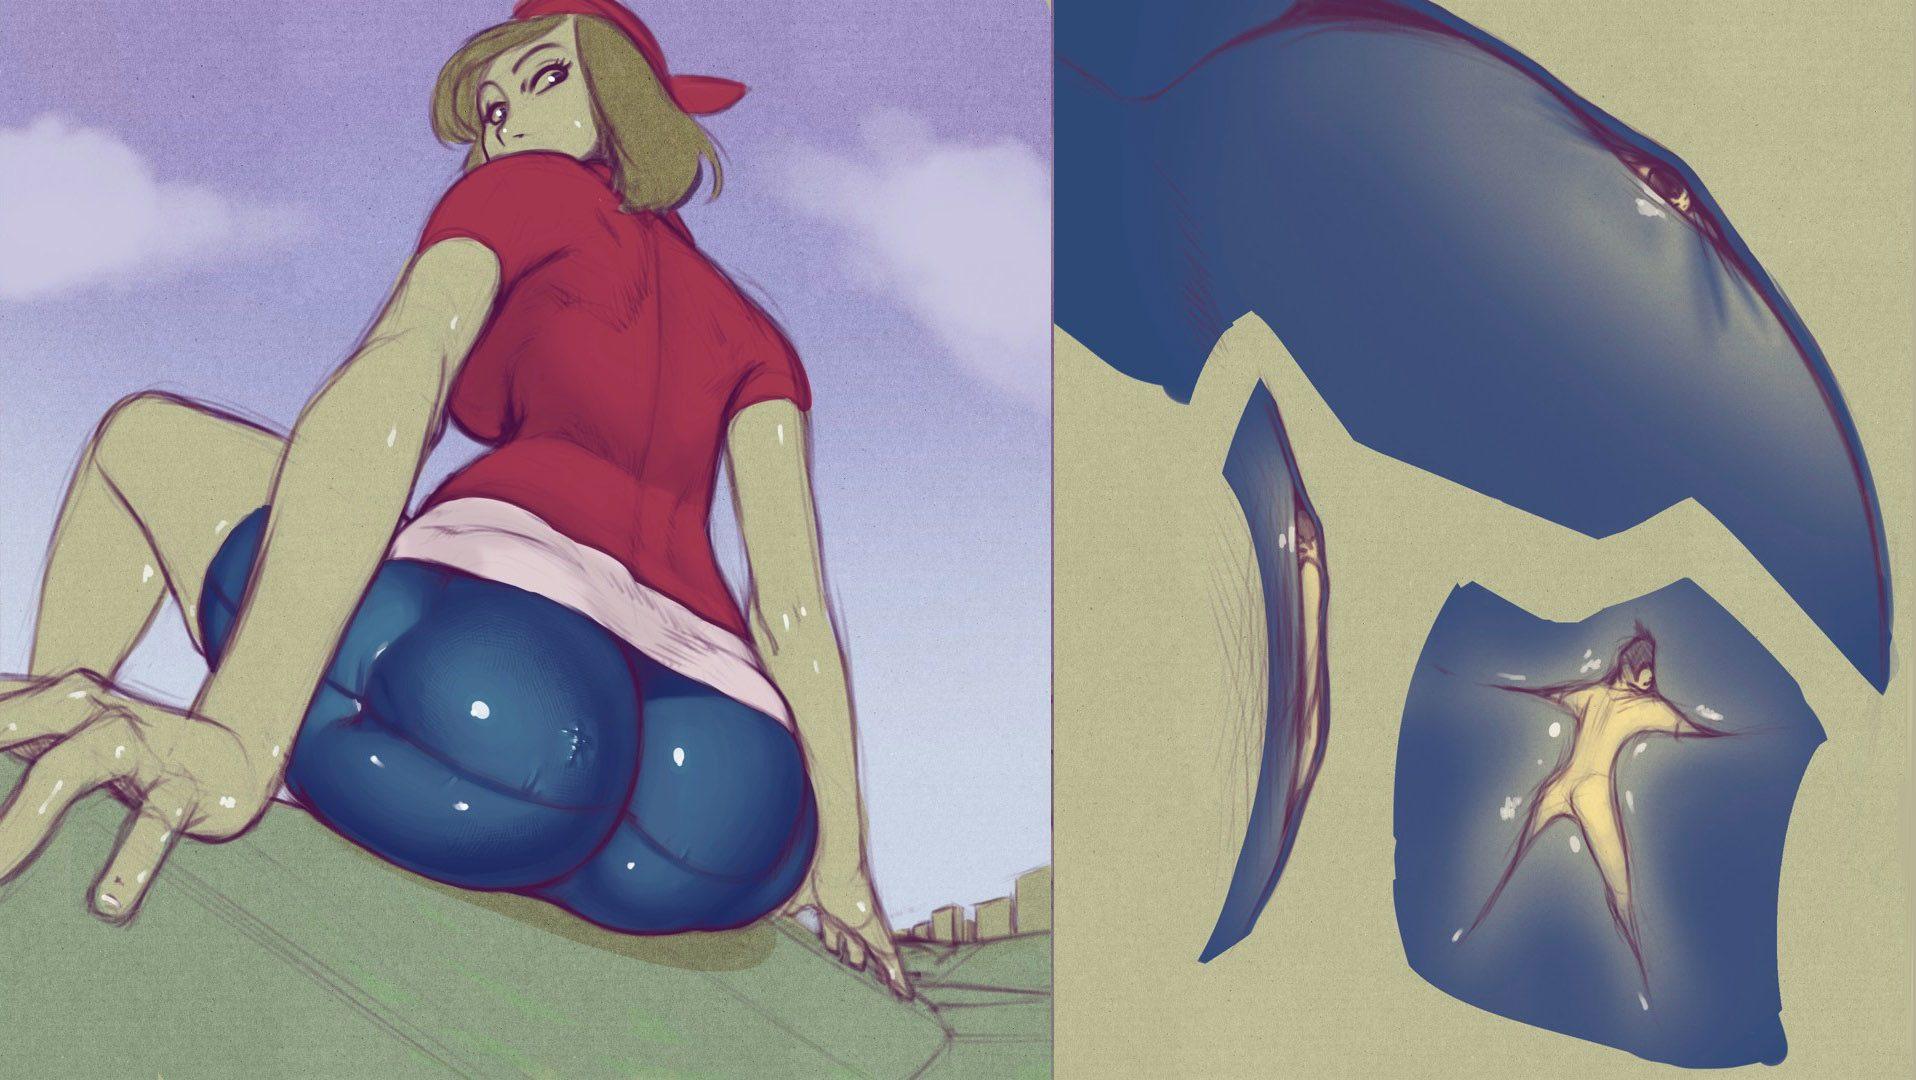 Furry pokemon giantess butt crush